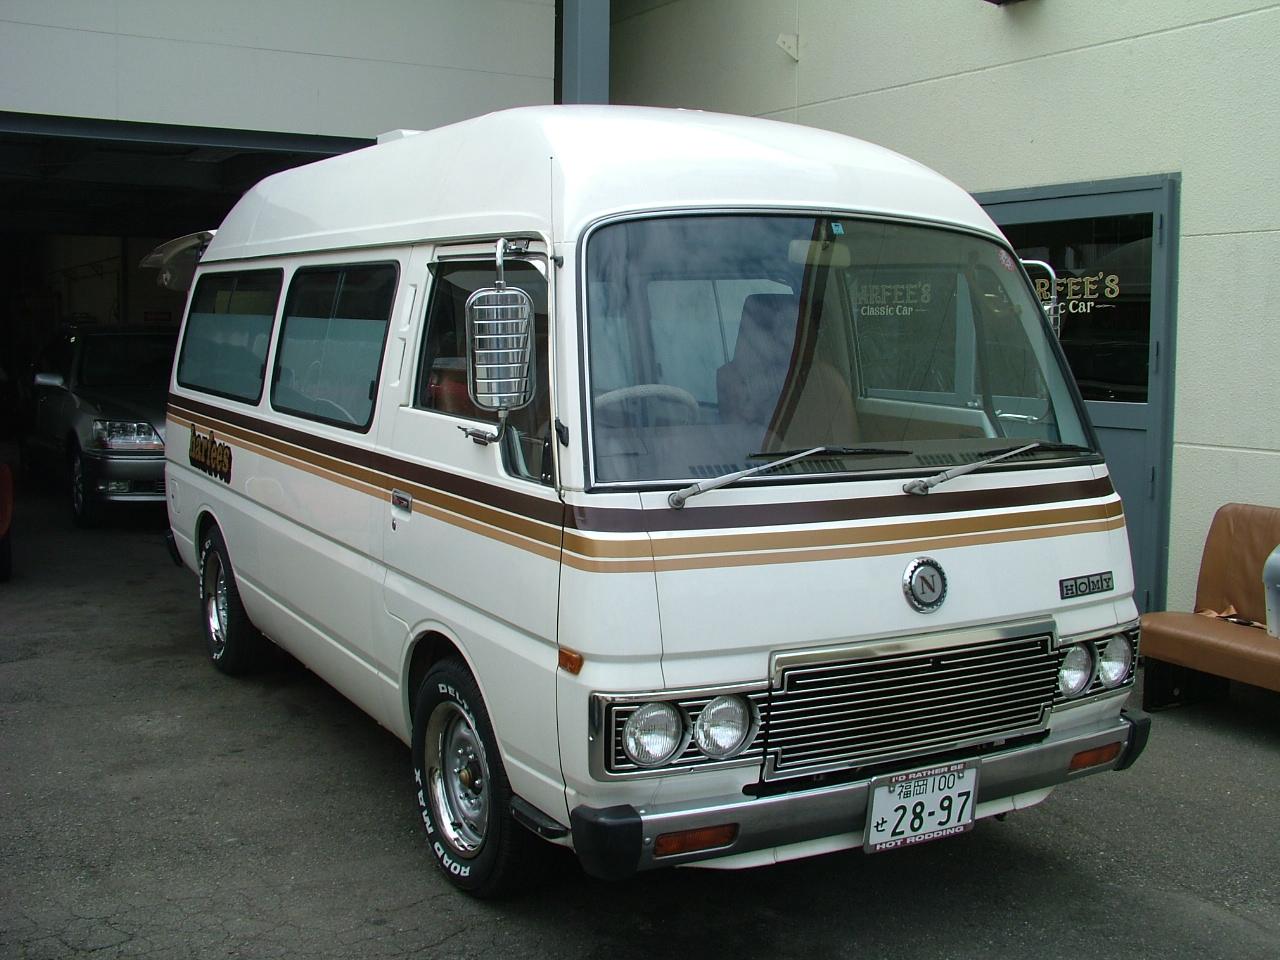 1984 E23 ホーミーハイルーフ